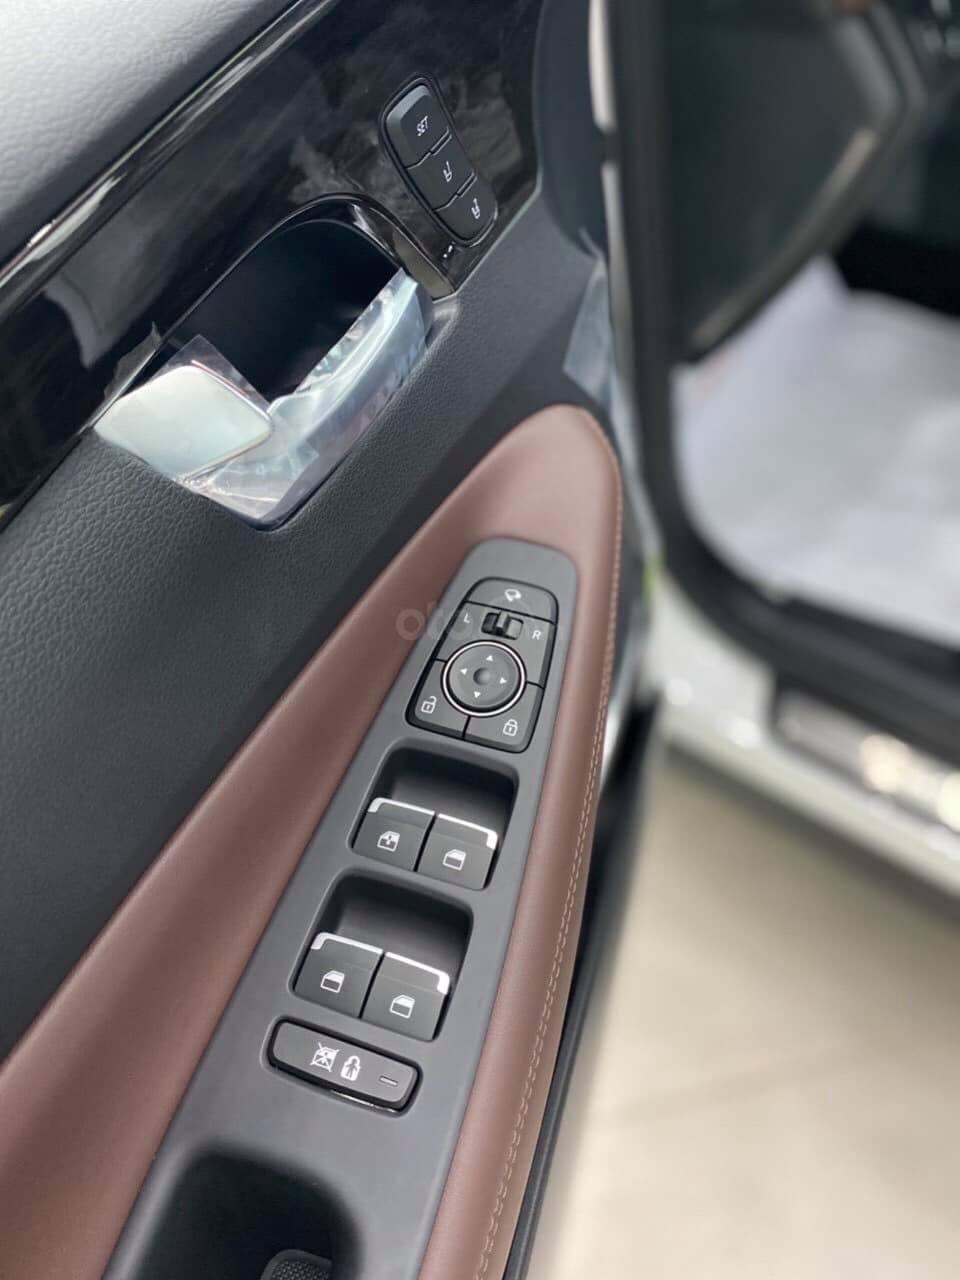 Hyundai Santafe ưu đãi ngay 70 triệu, 50% thuế, full bộ phụ kiện, xe đủ màu giao ngay chạy Tết (6)